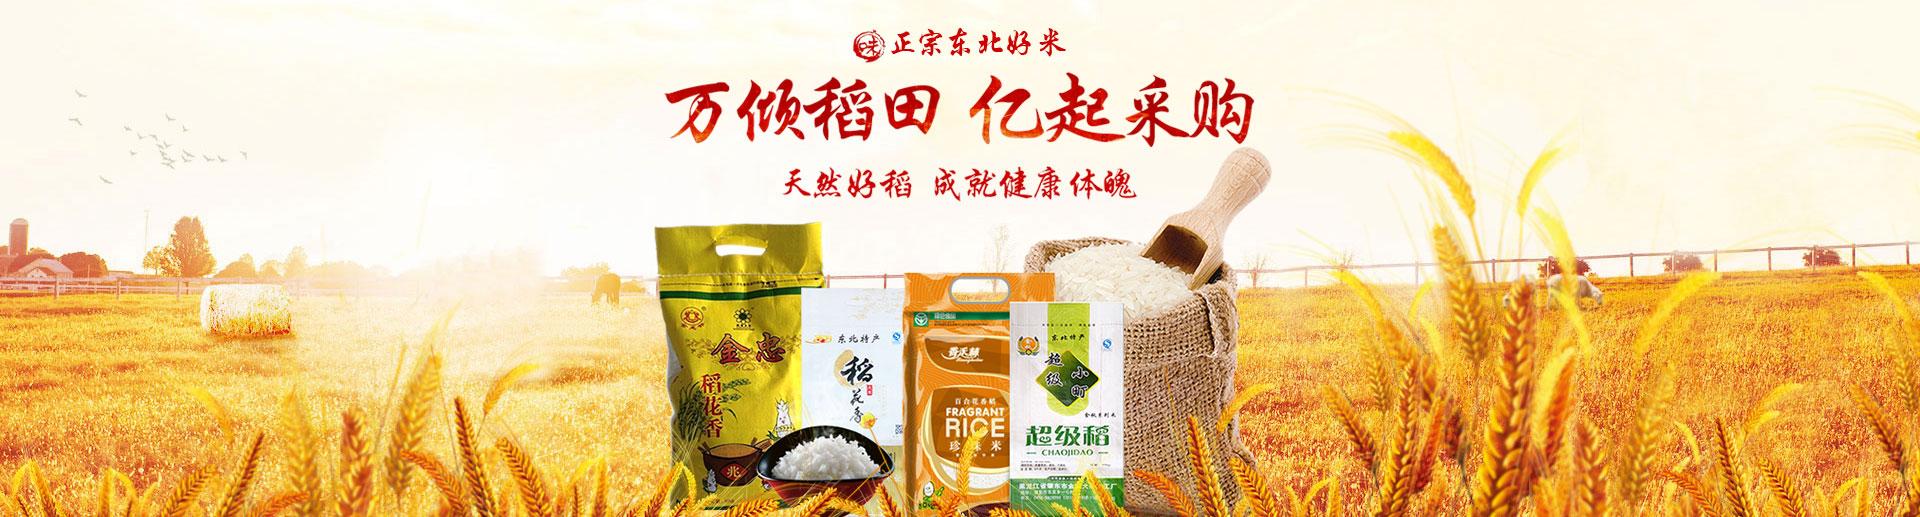 中国大米产业网